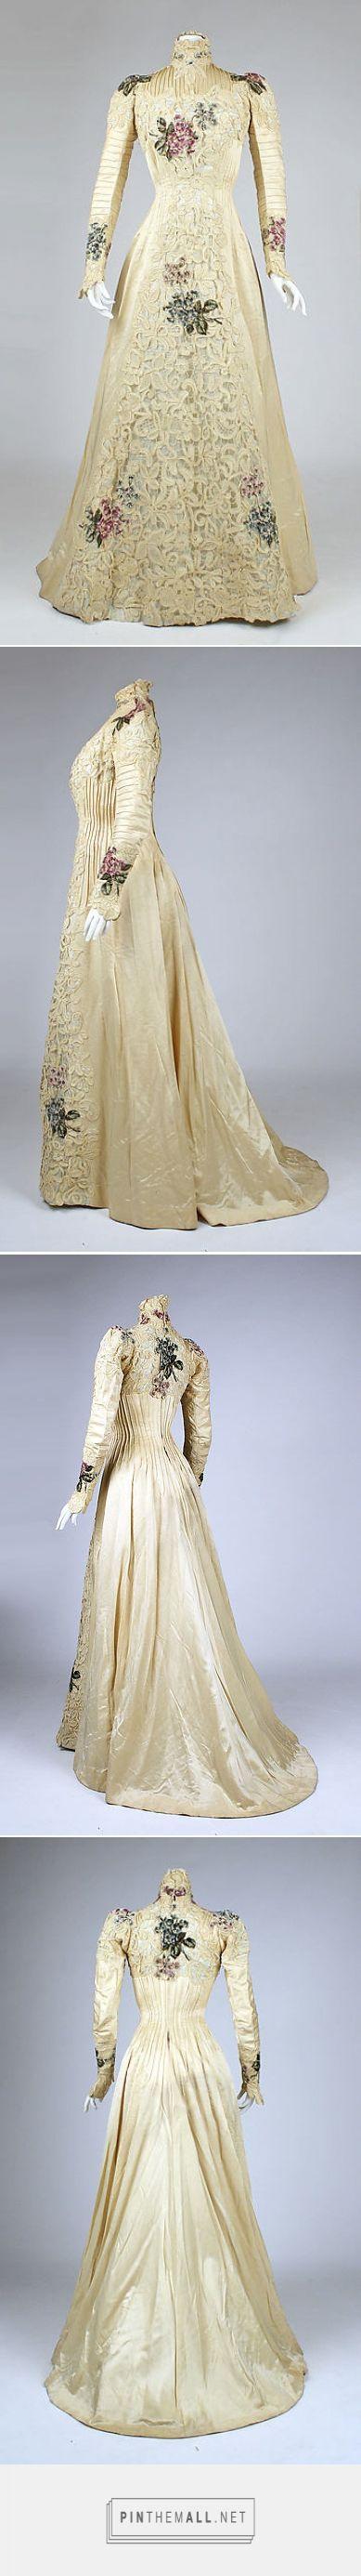 Dress ca. 1900 American | The Metropolitan Museum of Art